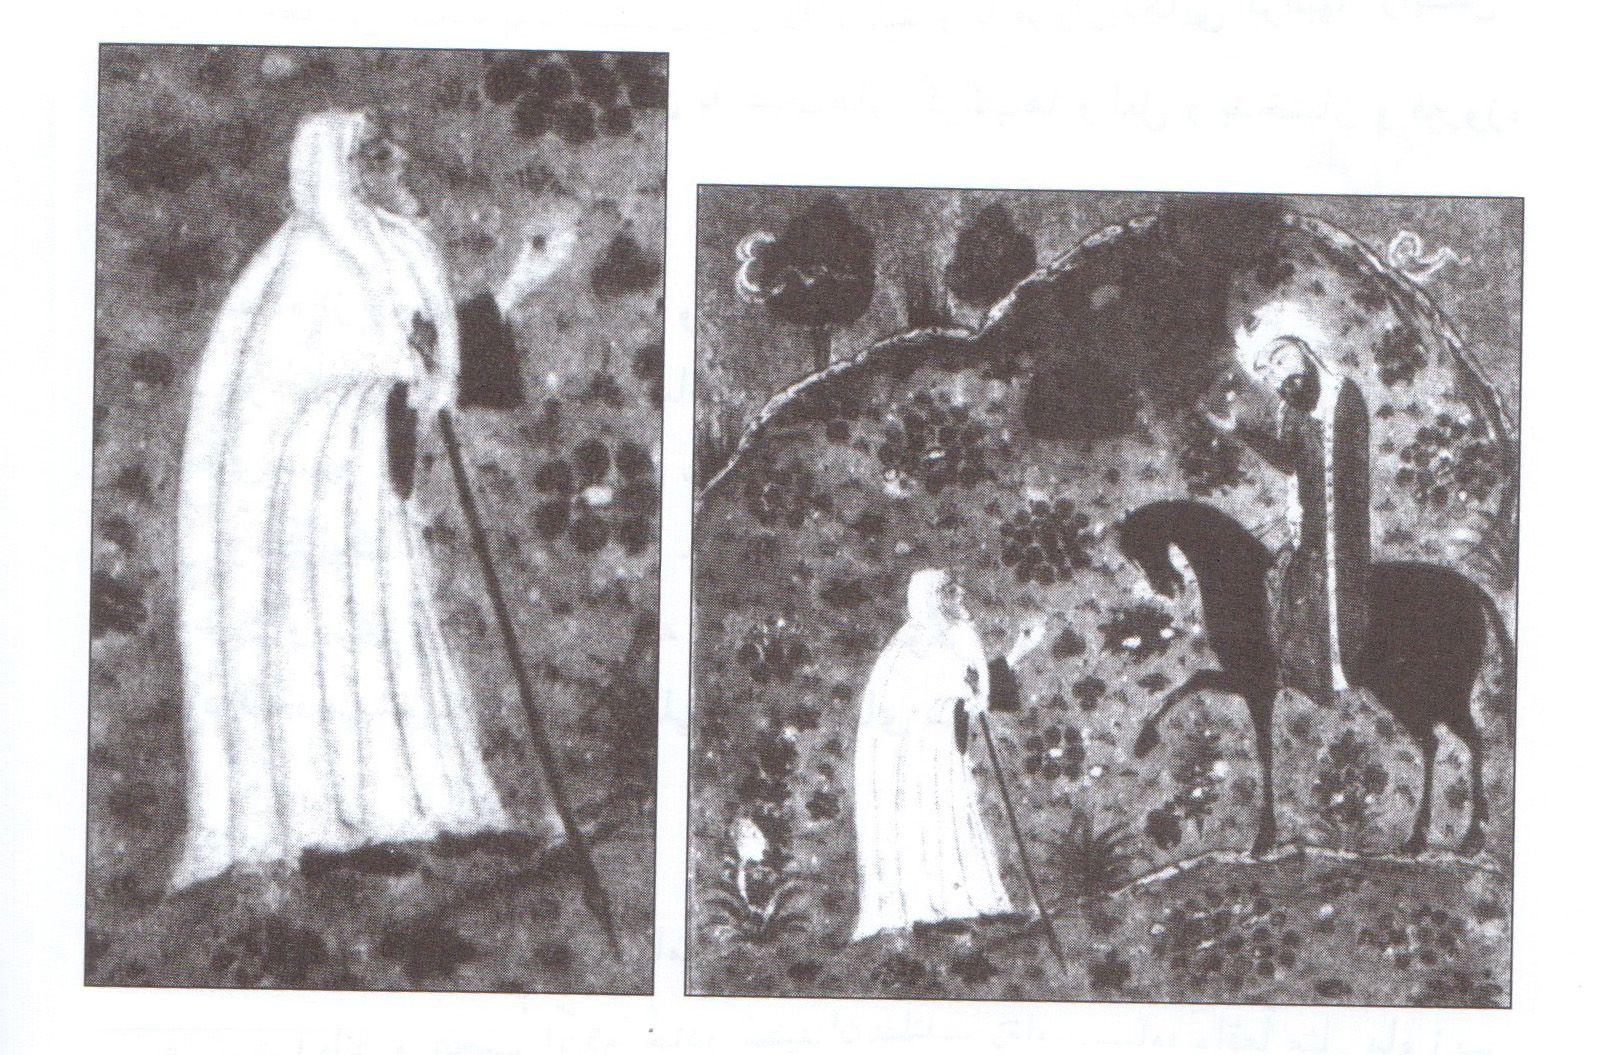 تاریخچه-حجاب-در-ایران-بعد-از-اسلام-hi-hijab.com